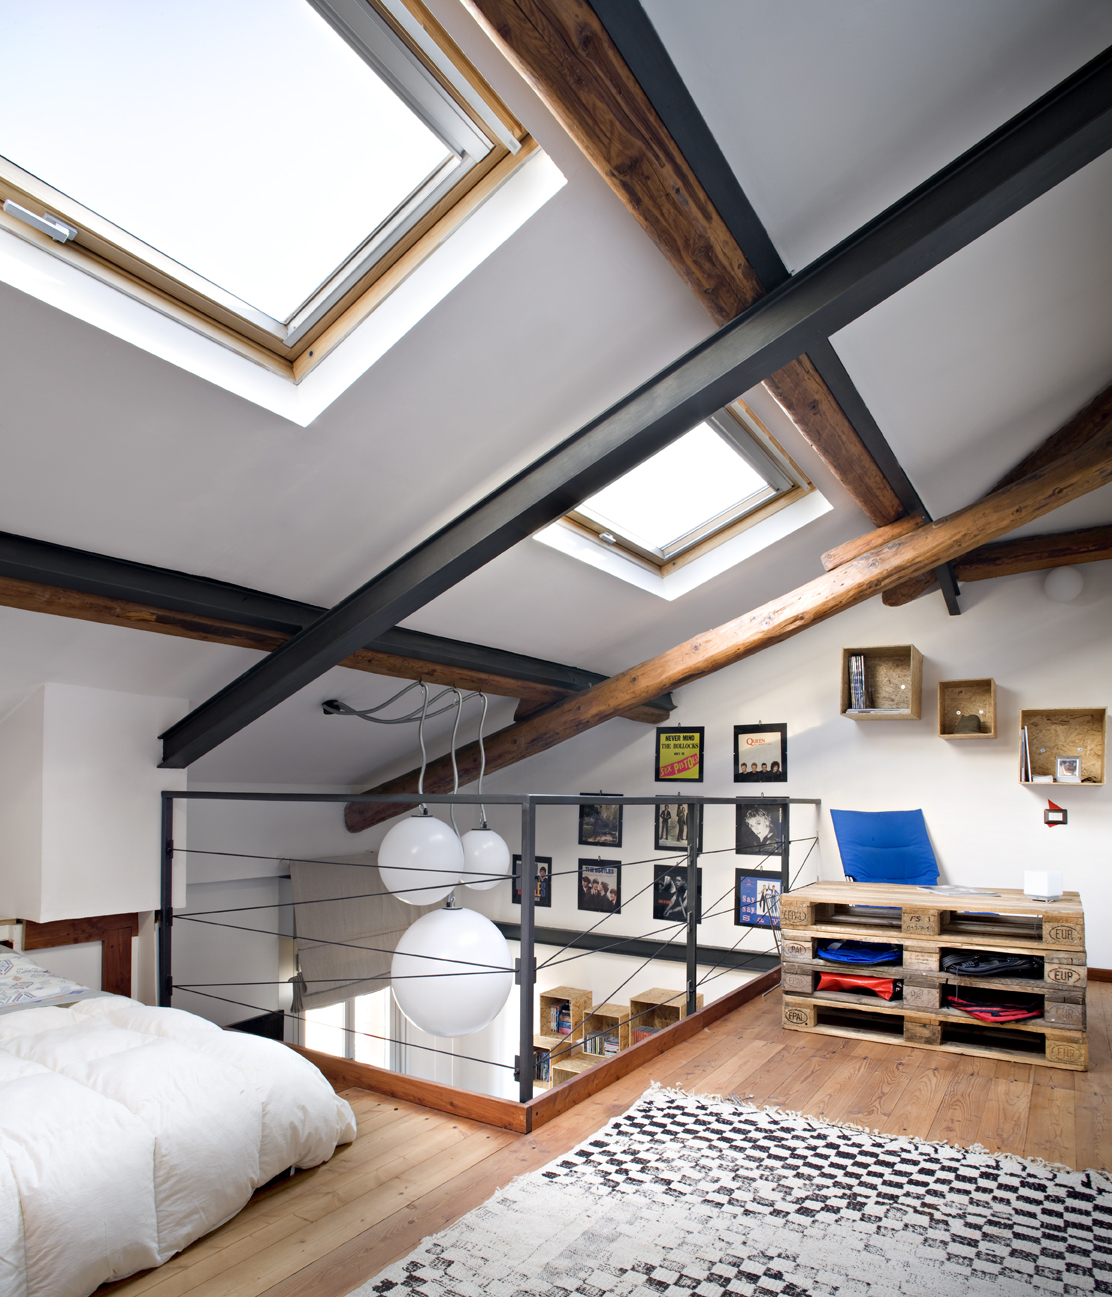 Arredare la mansarda con materiali di riciclo casa luce for Piani casa sul tetto di bassa altezza